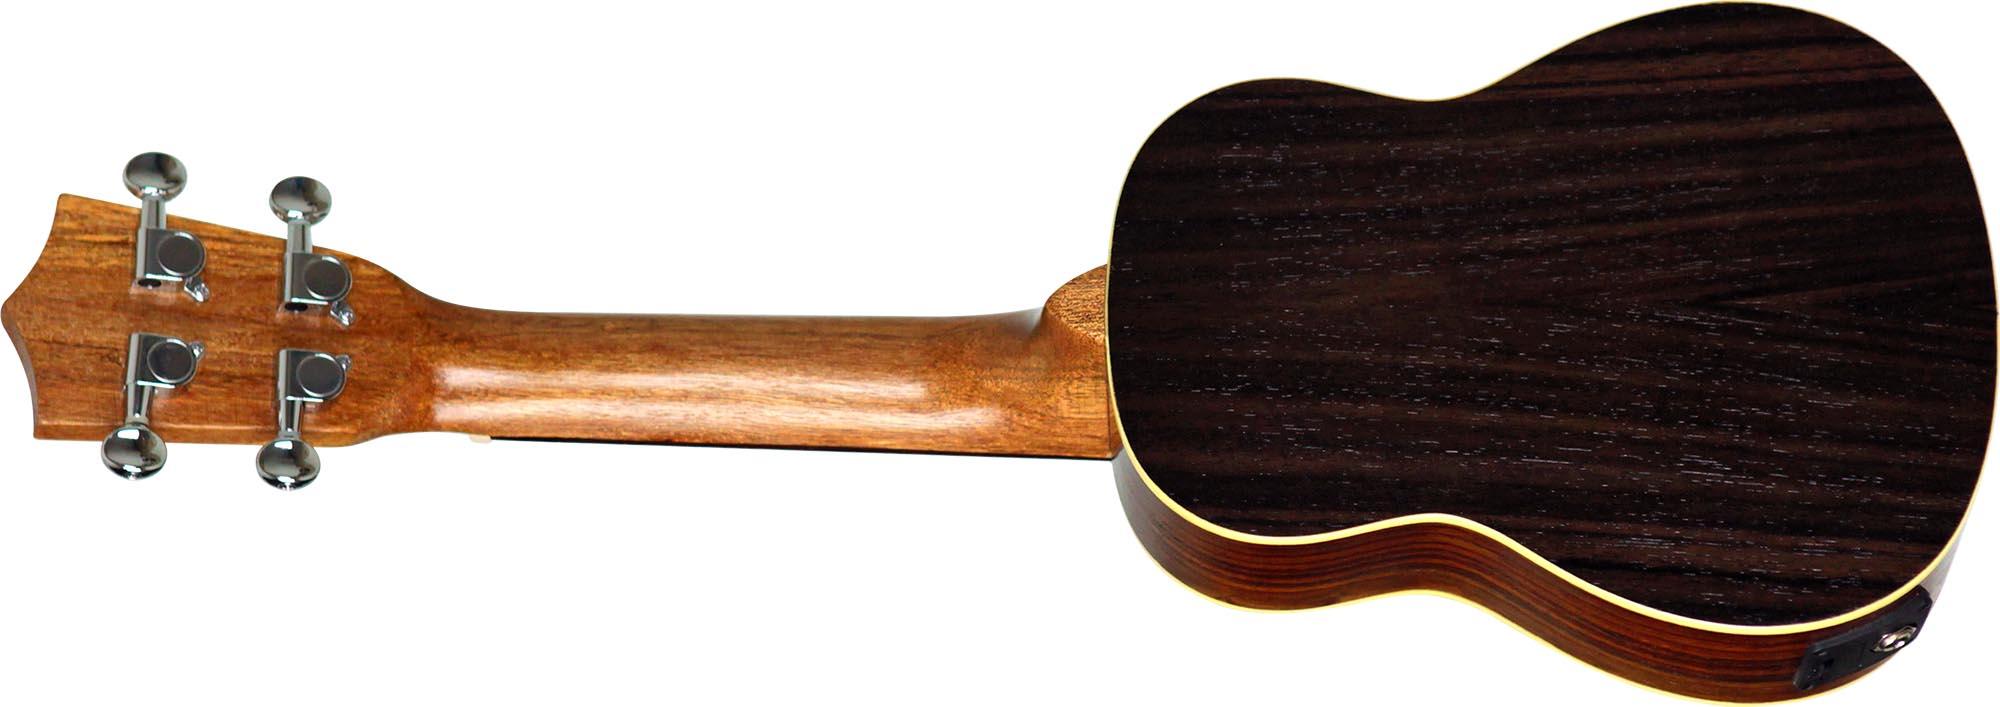 su21re ukulele soprano eletroacustico shelby su21re stnt jacaranda acetinado visao posterior